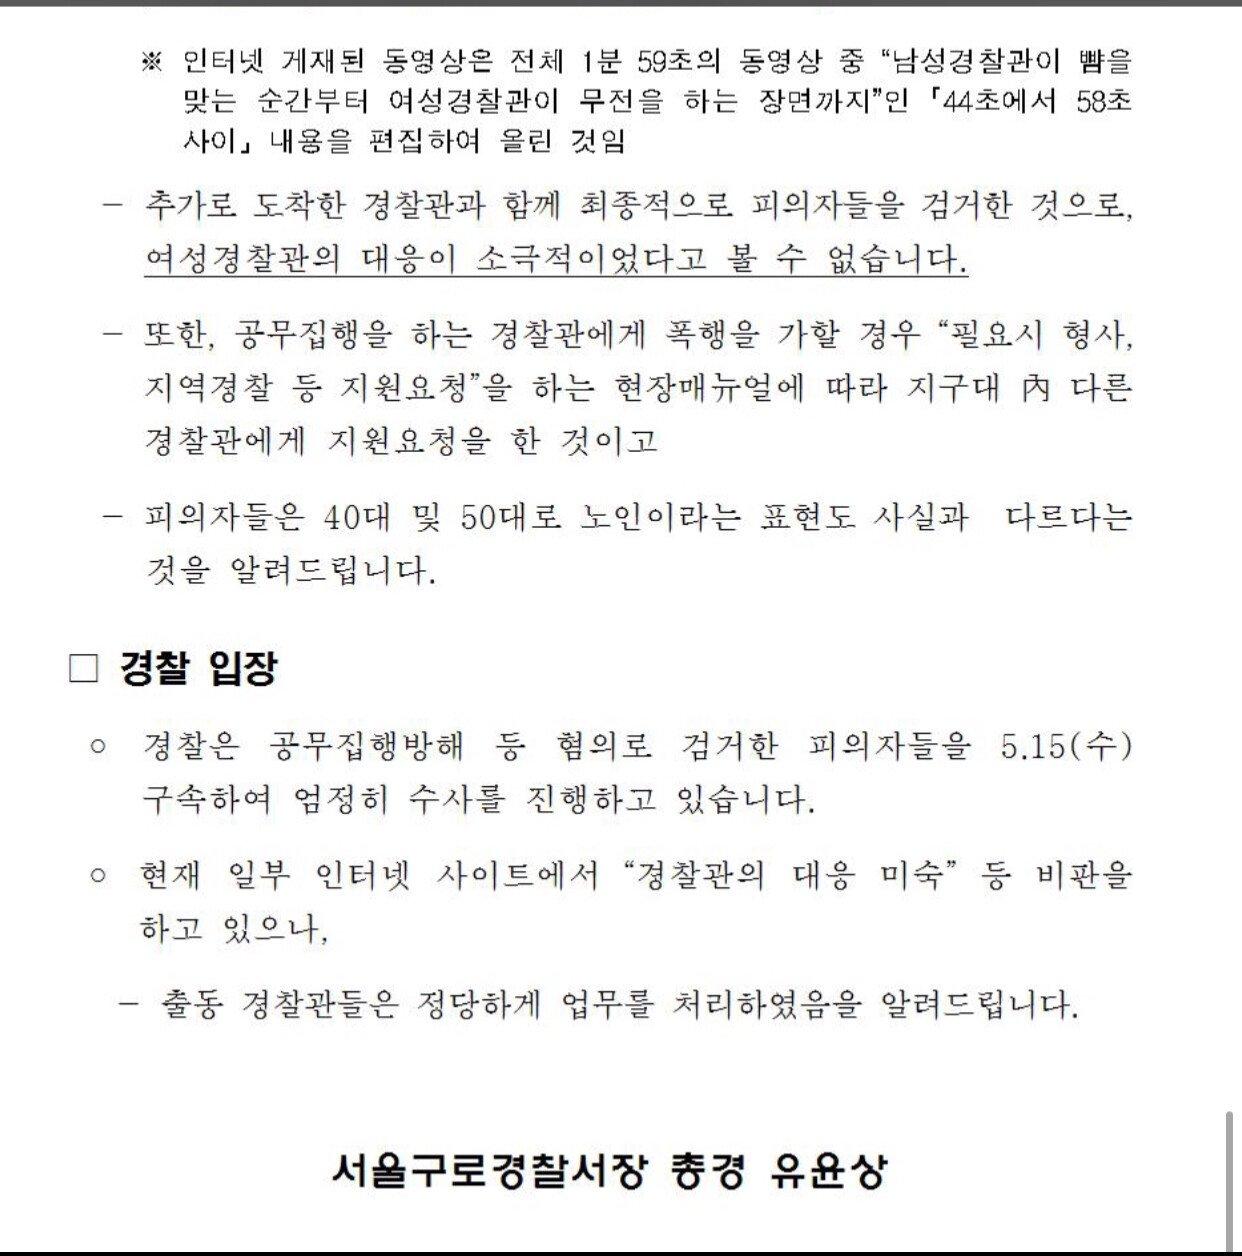 대림동 오또케사건 경찰 총경 공식 입장